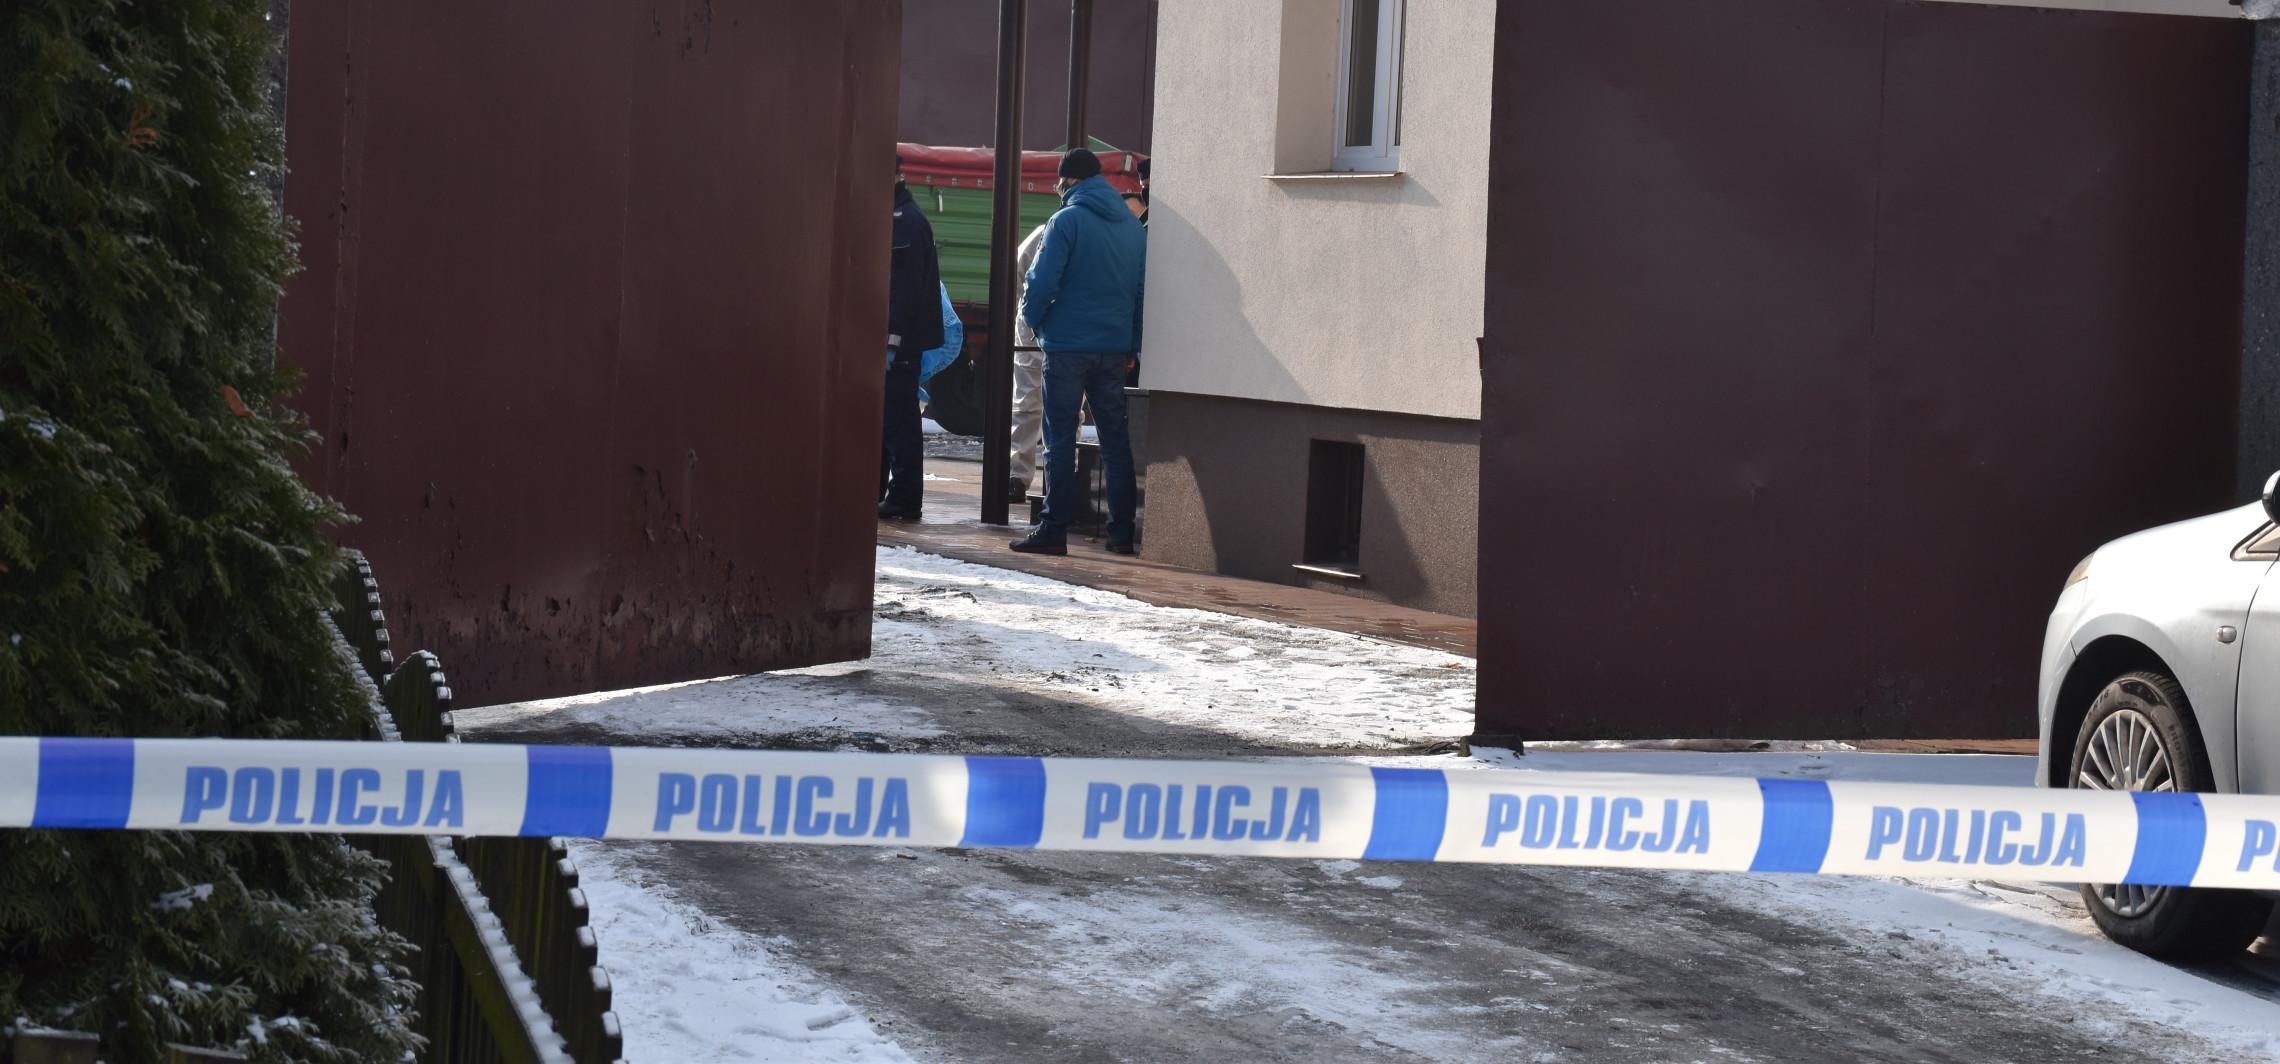 Inowrocław - Turzany. Matka chłopców trafiła na obserwację